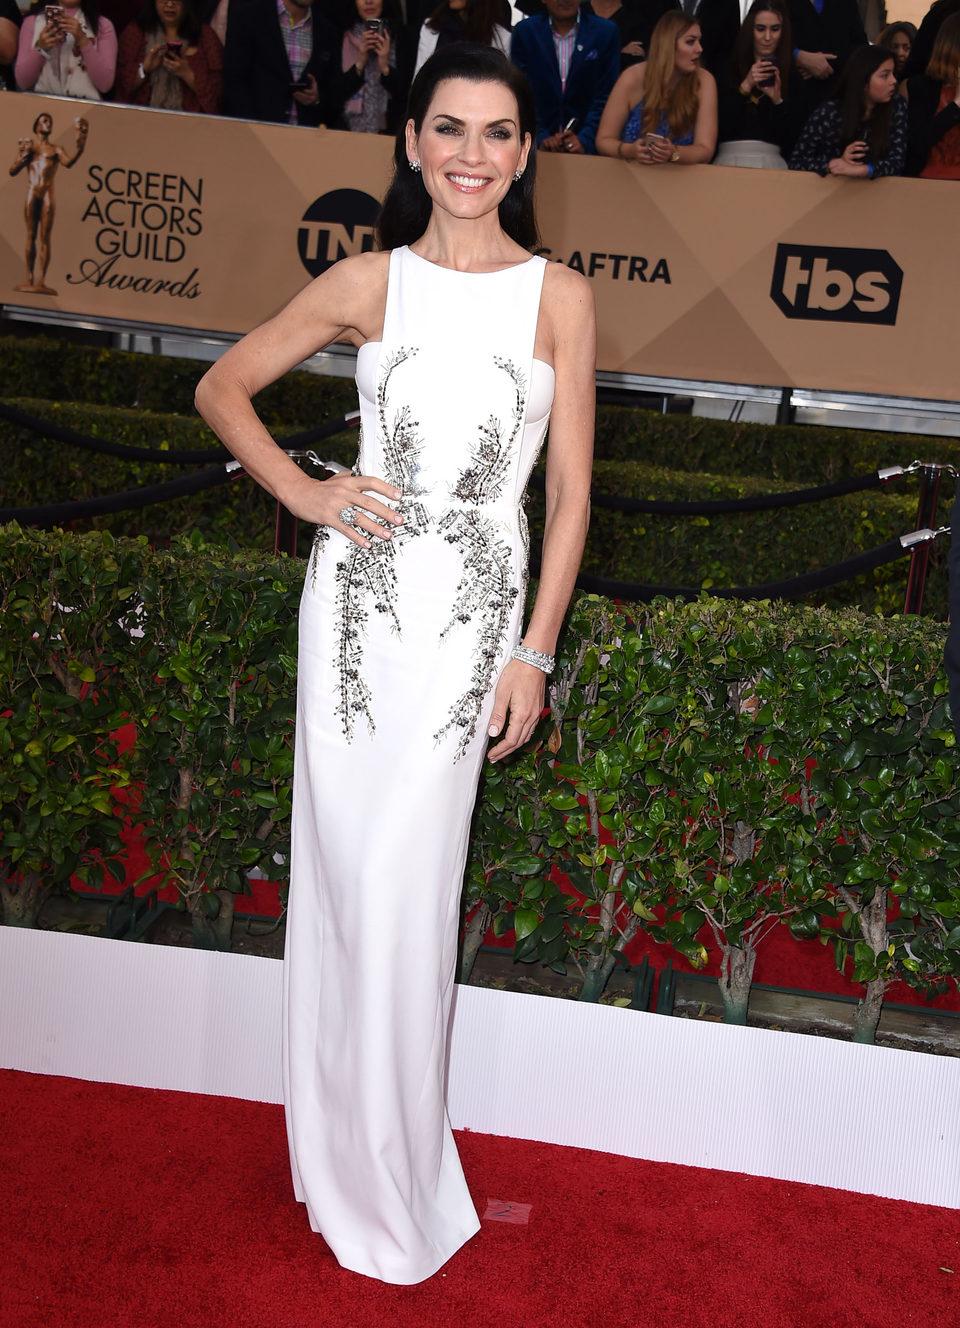 Julianna Margulies at the SAG Awards 2016 red carpet